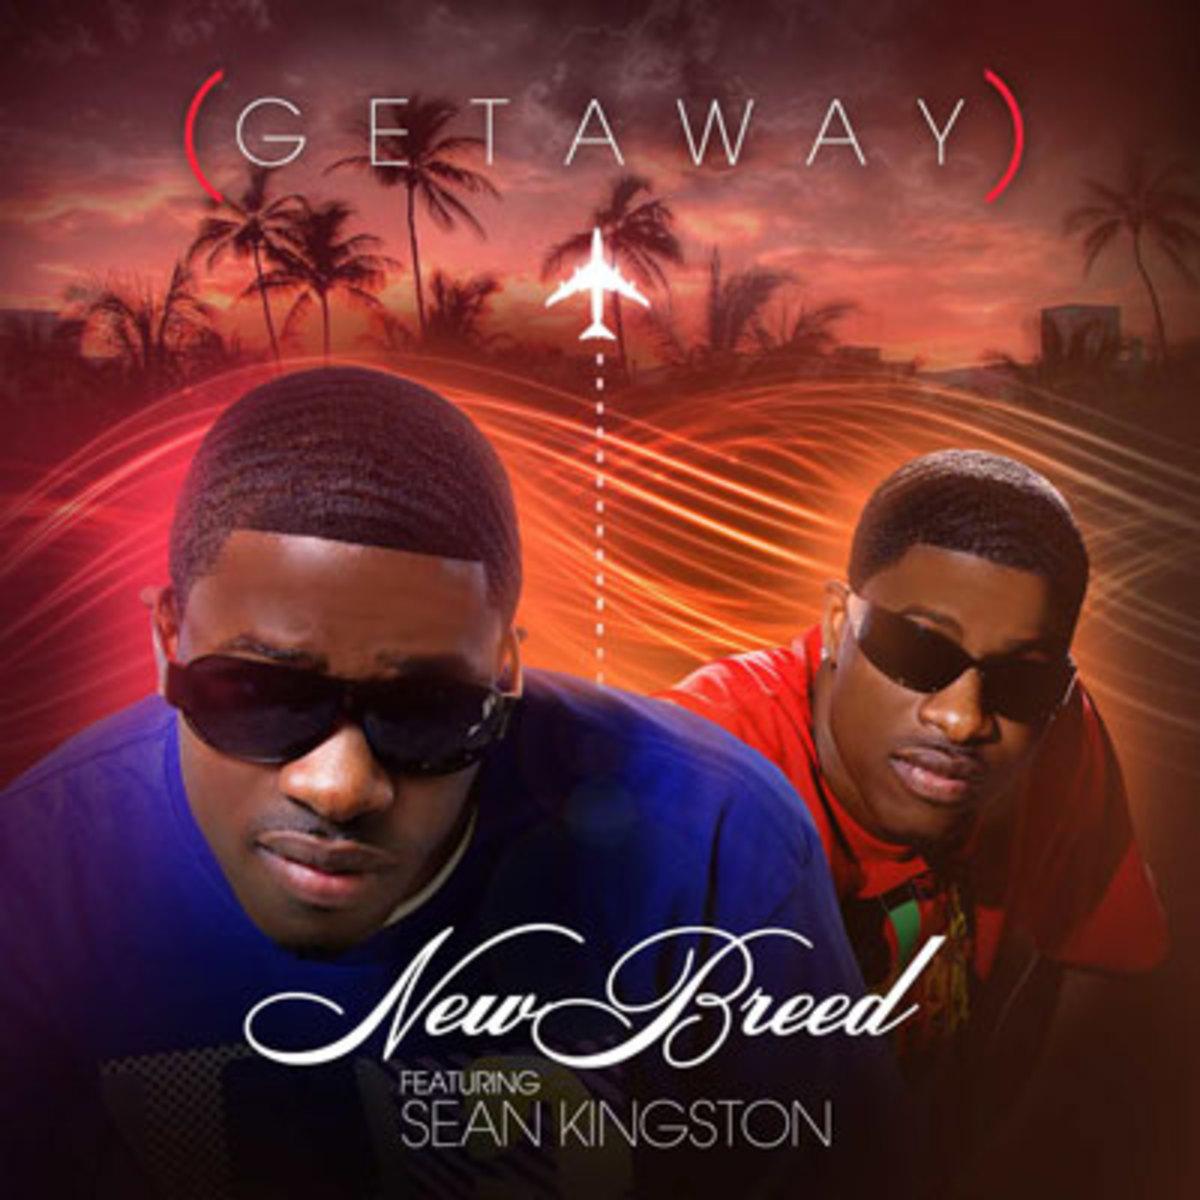 newbreed-getaway.jpg